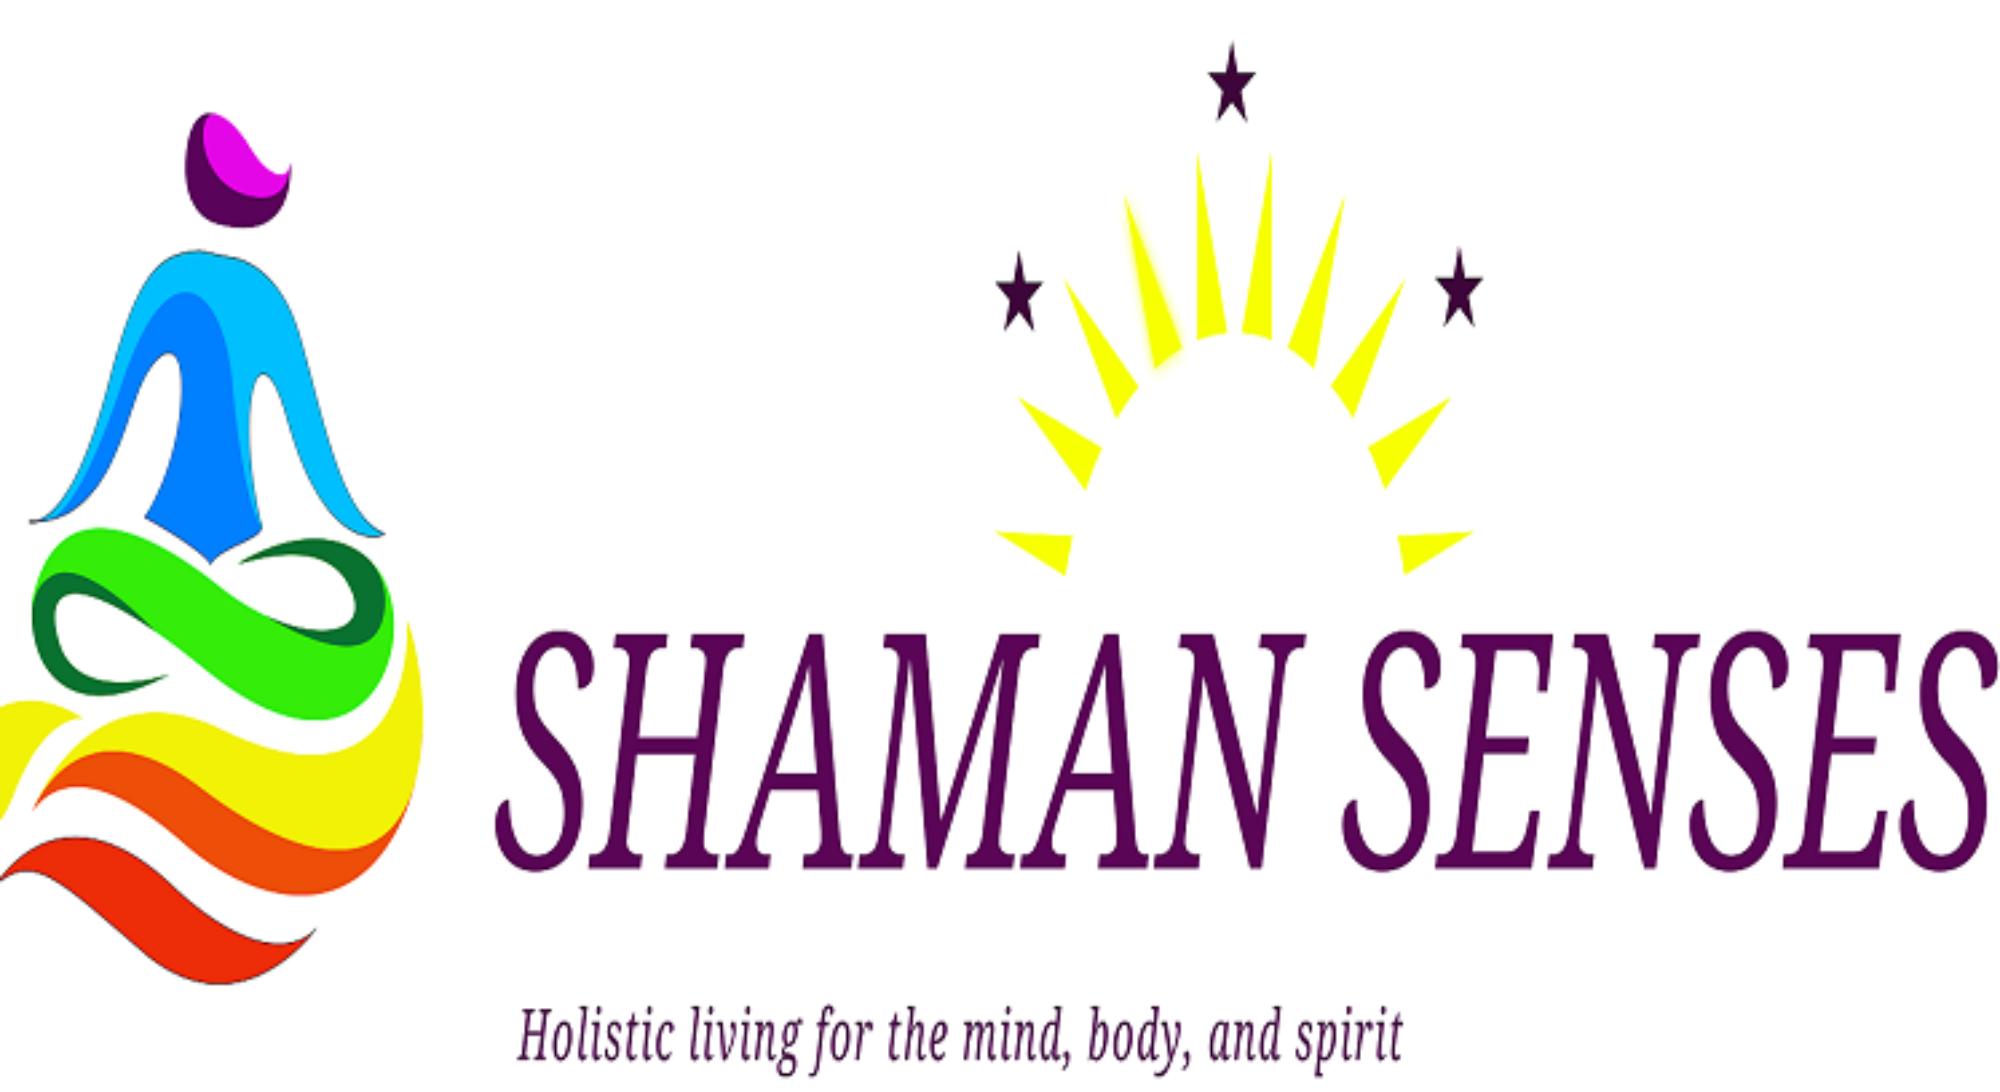 Shaman Senses